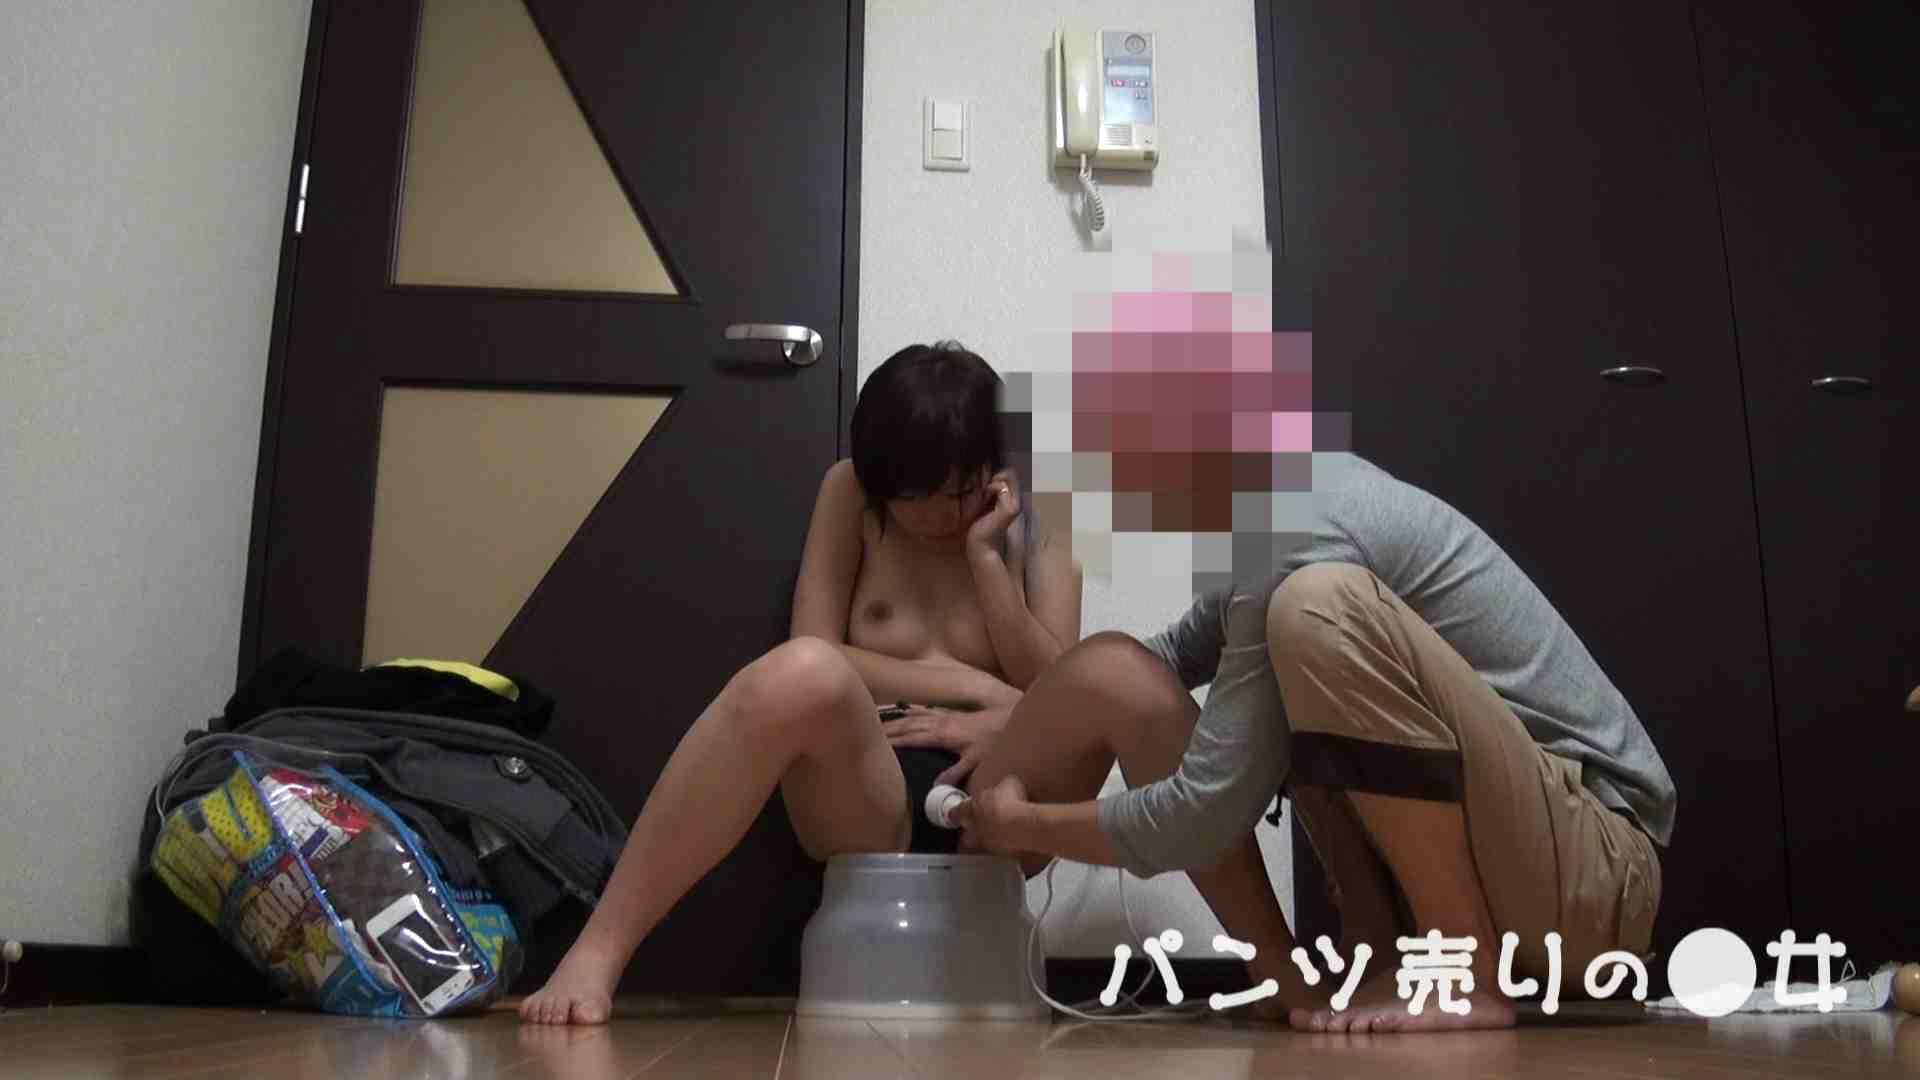 無修正エロ動画|新説 パンツ売りの女の子nana03|大奥